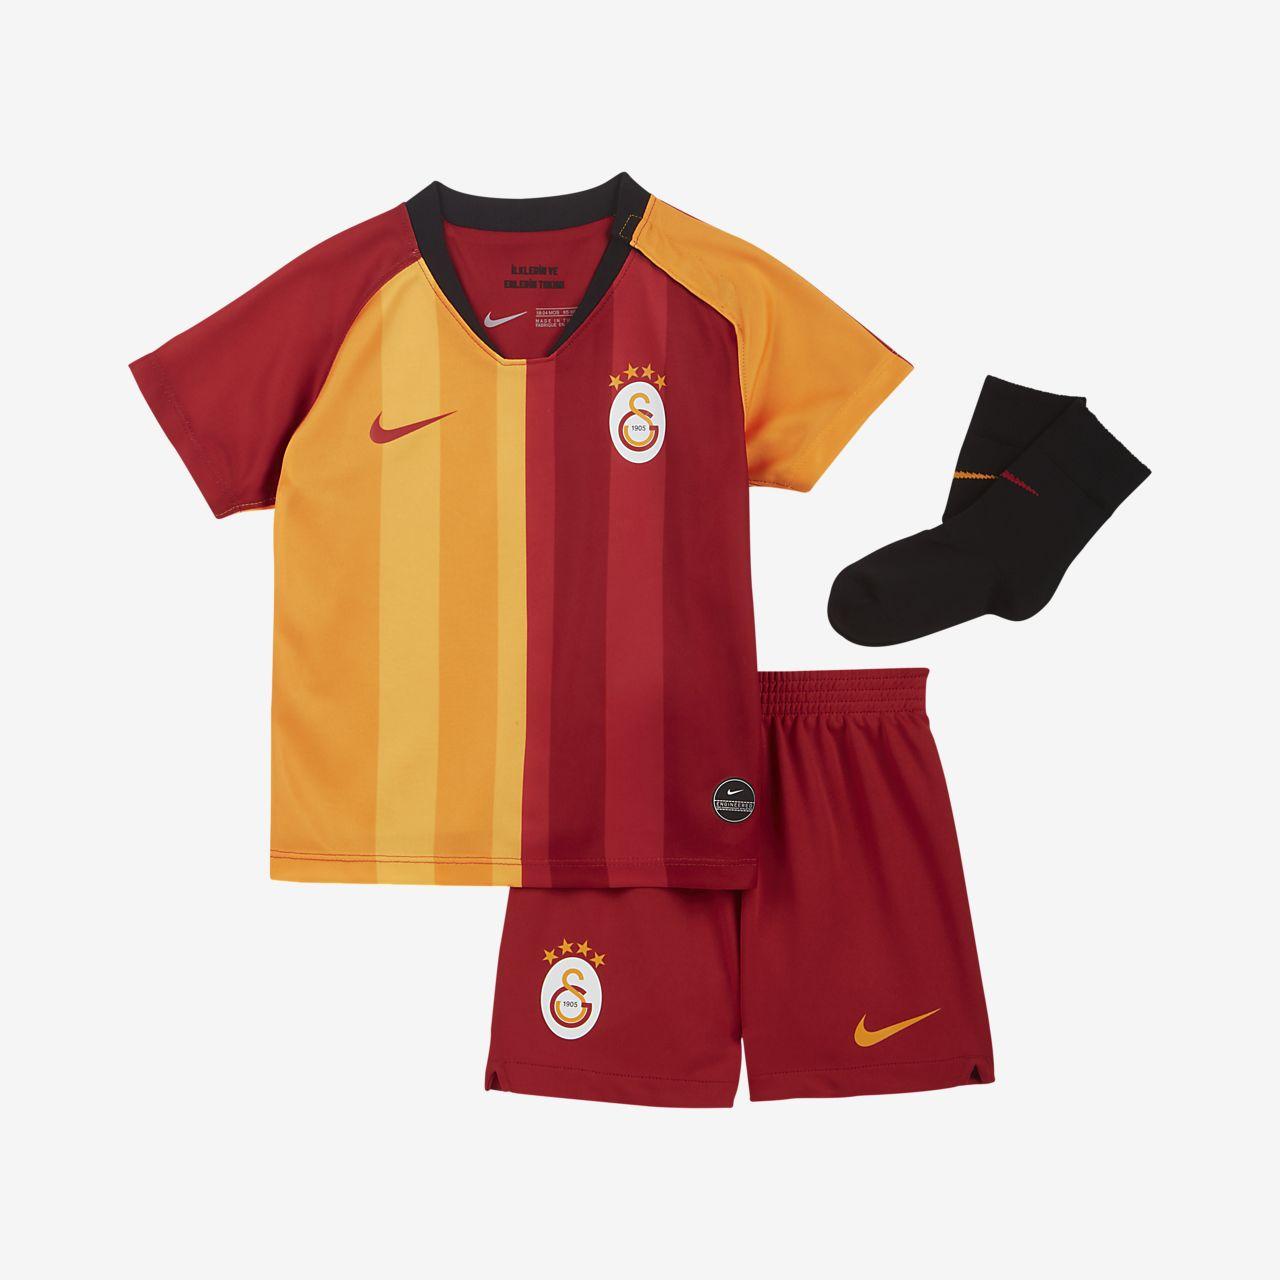 Domácí fotbalový dres Galatasaray 2019/20 pro kojence a batolata